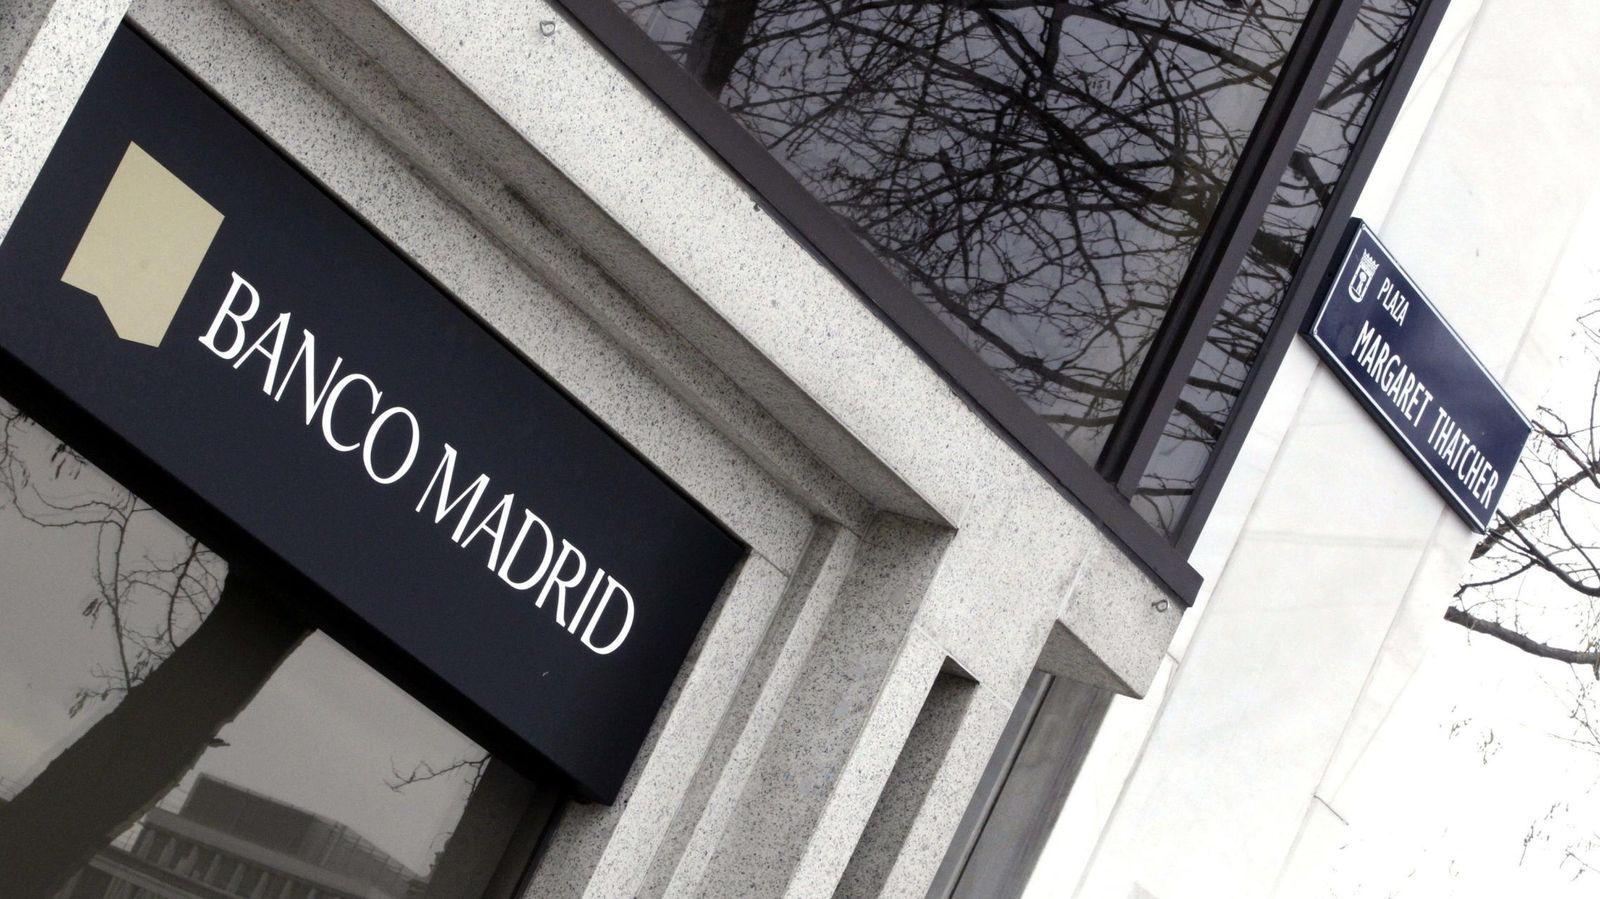 Foto: Fachada del Banco Madrid. (Efe)